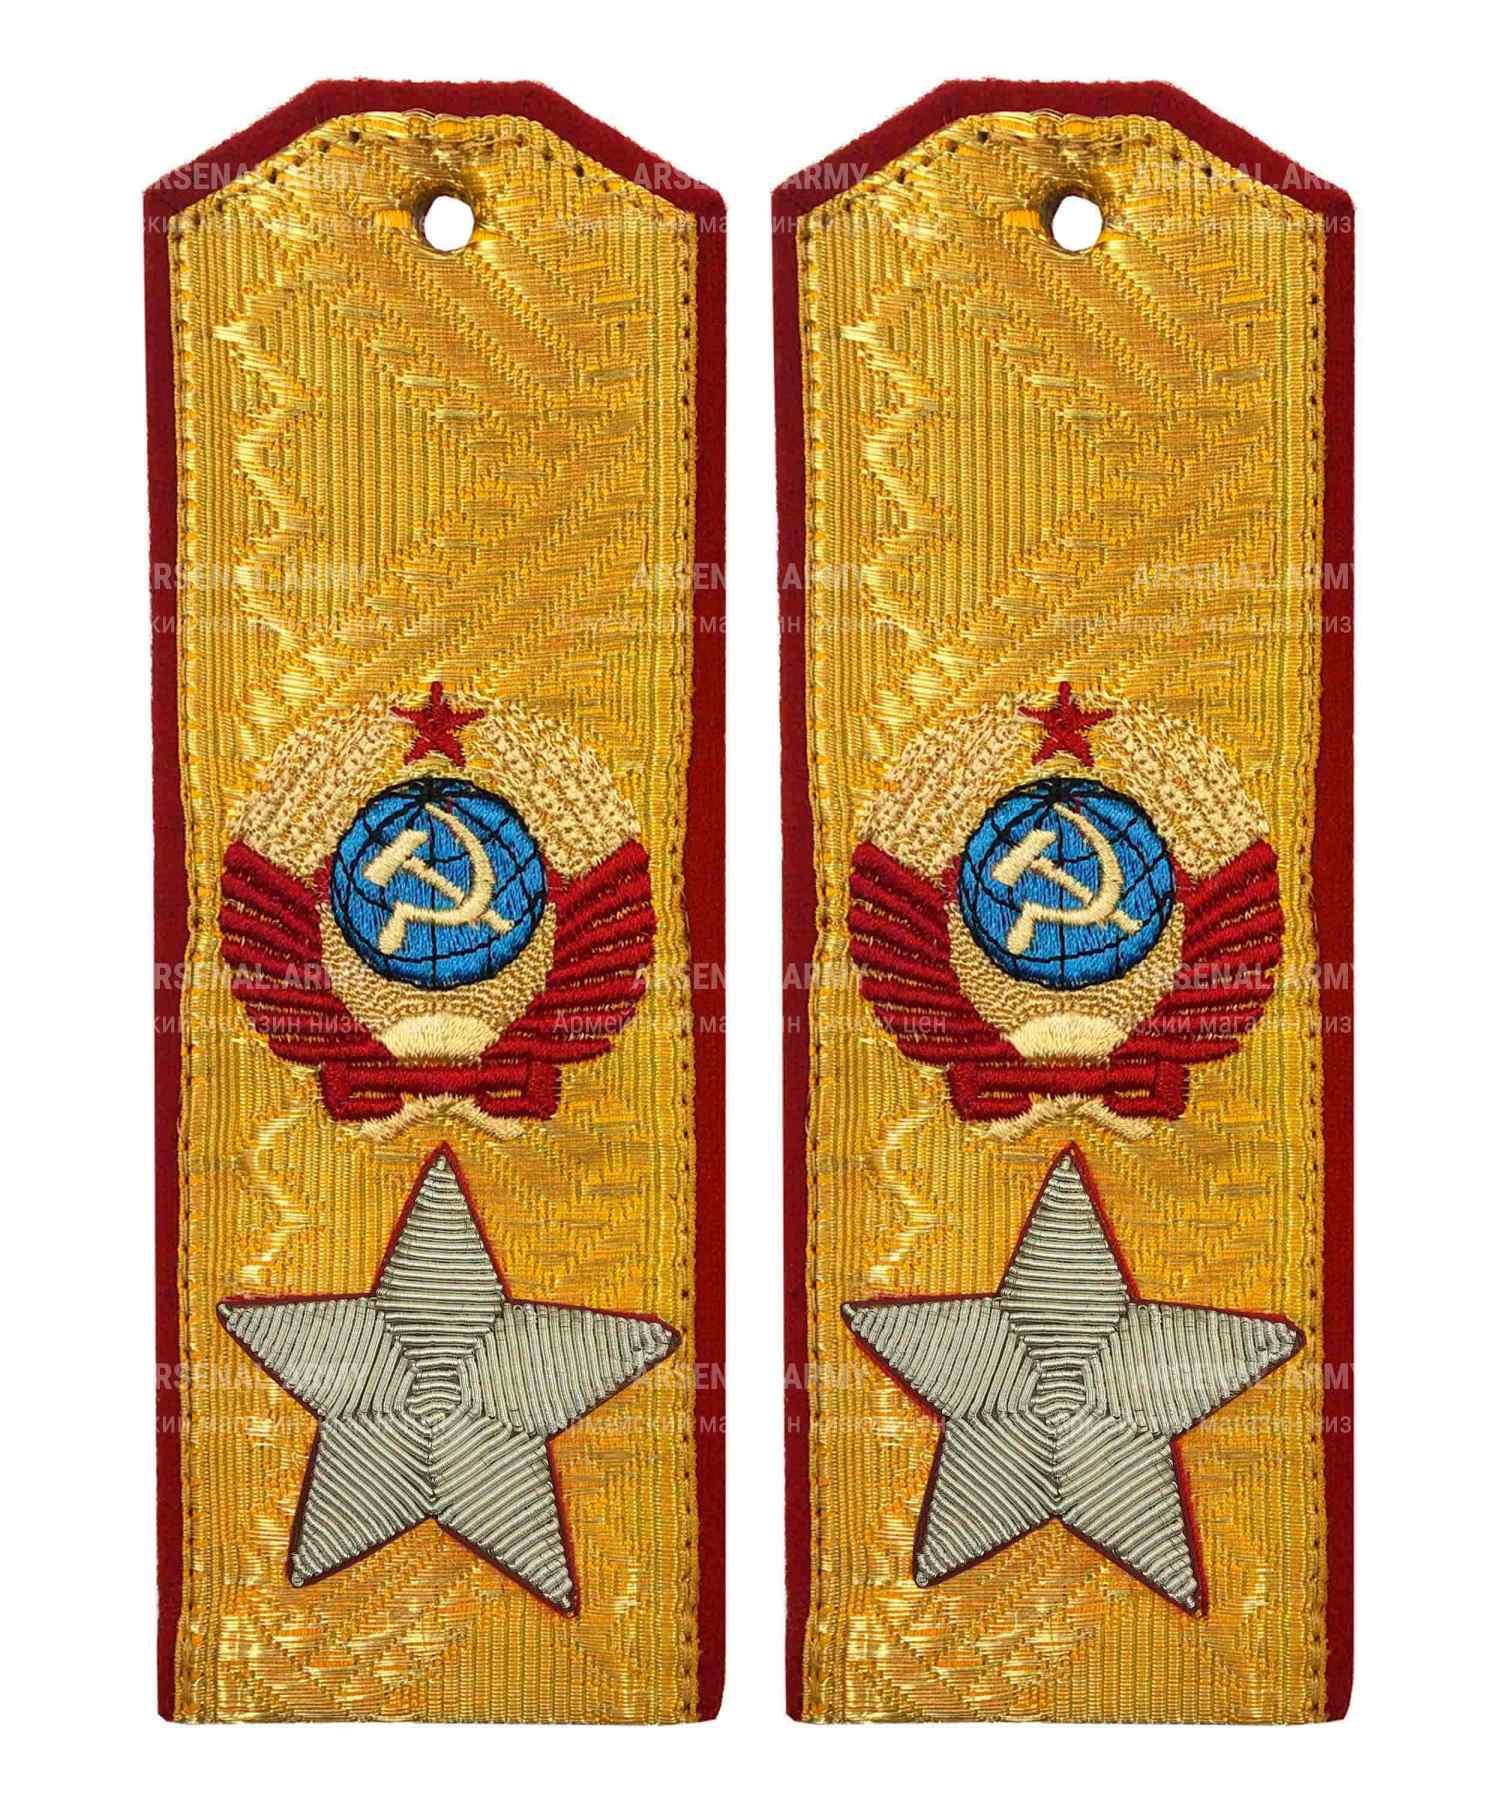 Погоны Маршал СССР с белой звездой